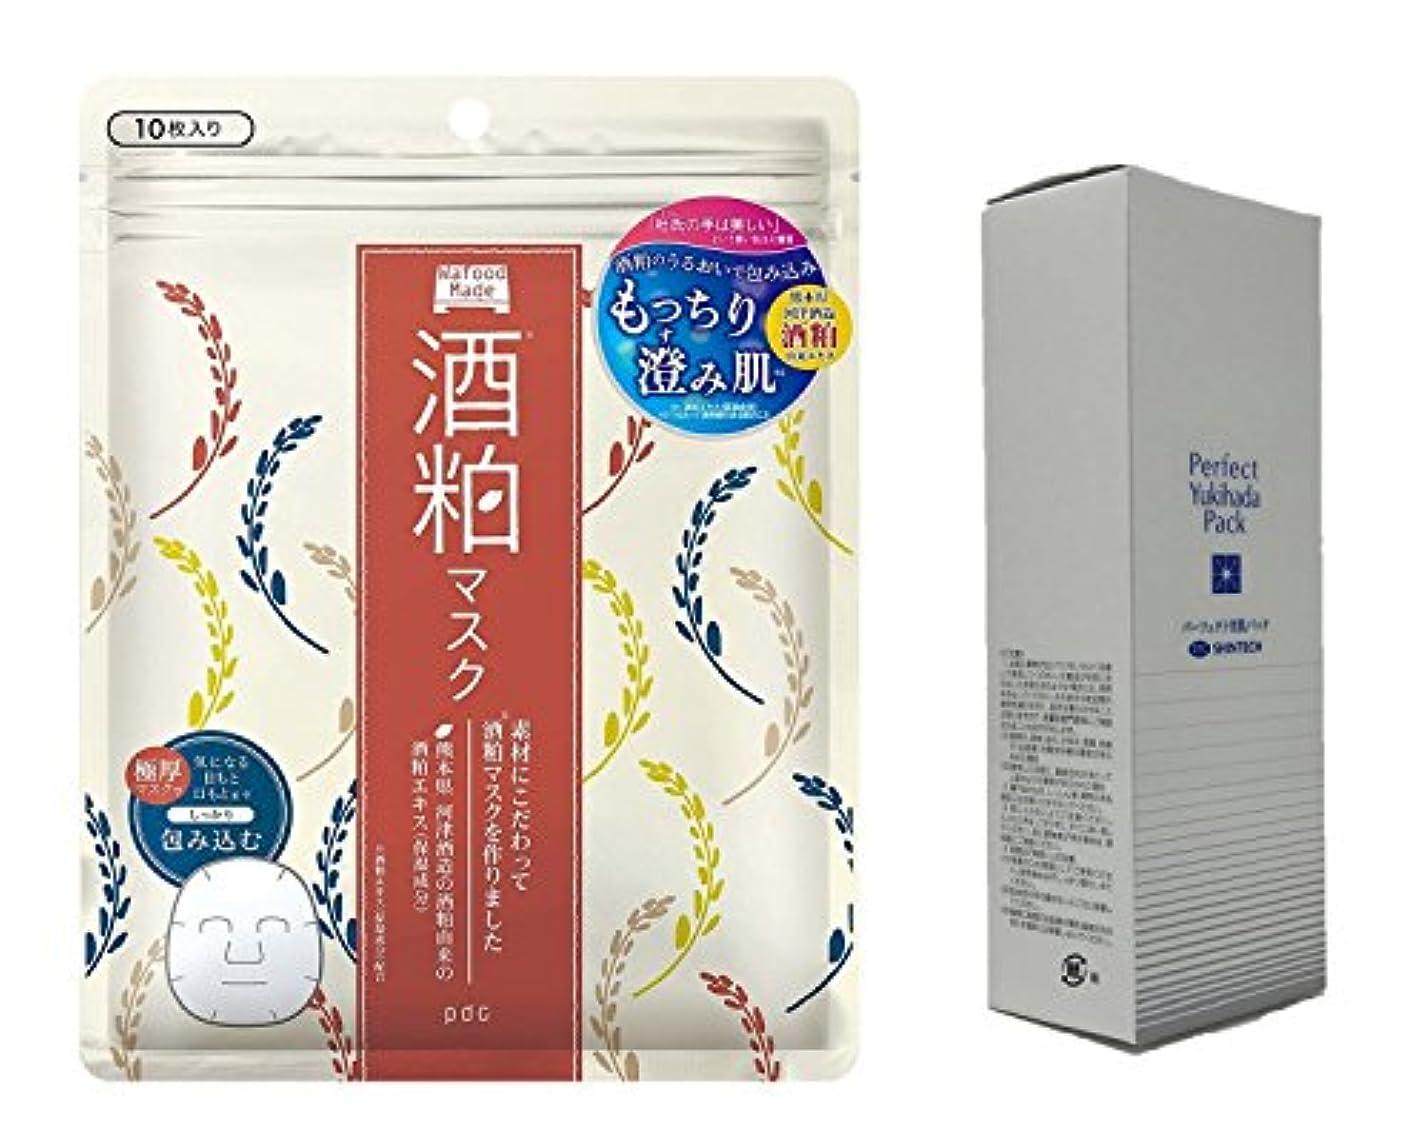 ディプロマ幸運謙虚なワフードメイド酒粕マスク 10枚入りとパーフェクト雪肌フェイスパック 130g 日本製 美白、保湿、ニキビなどお肌へ SHINTECH